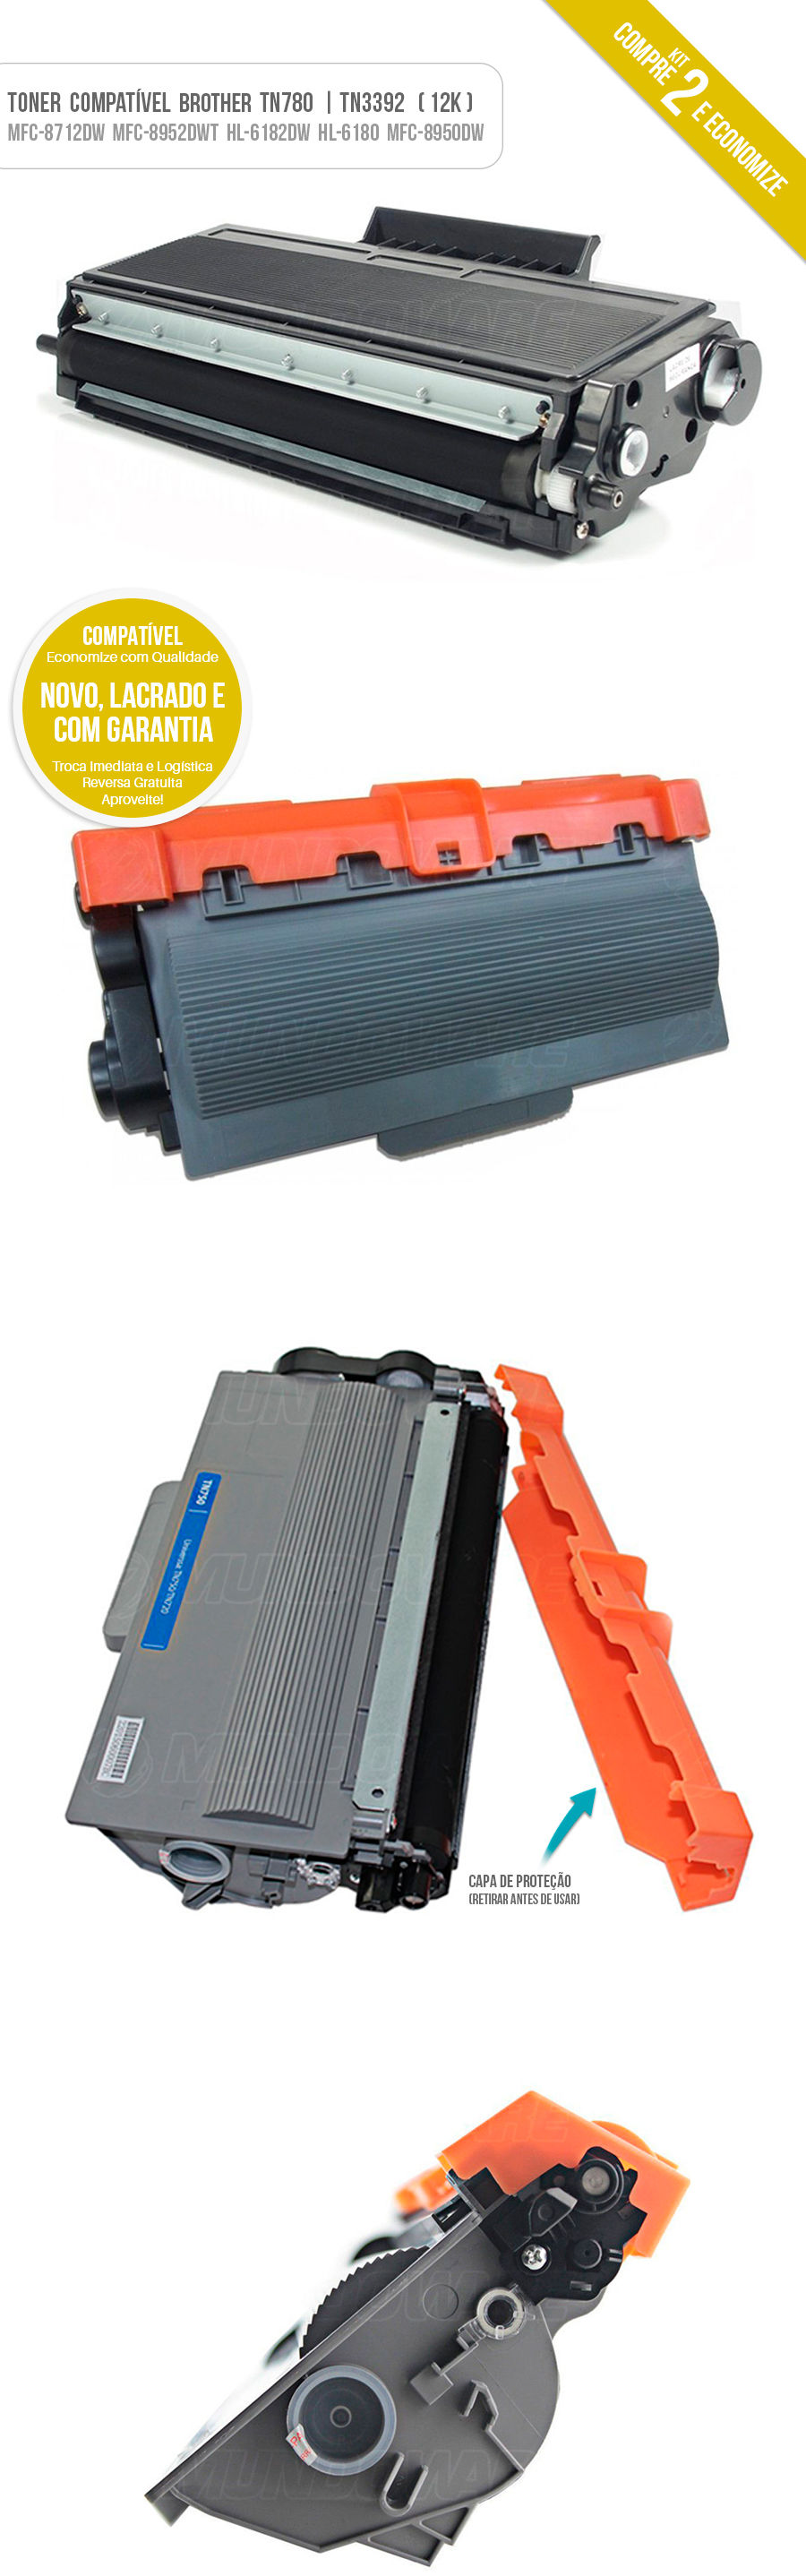 Kit 2x Tonner para impressora Brother TN-780 TN780 TN3392 TN-3392 HL-6182DW HL-6180DW DCP-8157DN MFC-8952DW